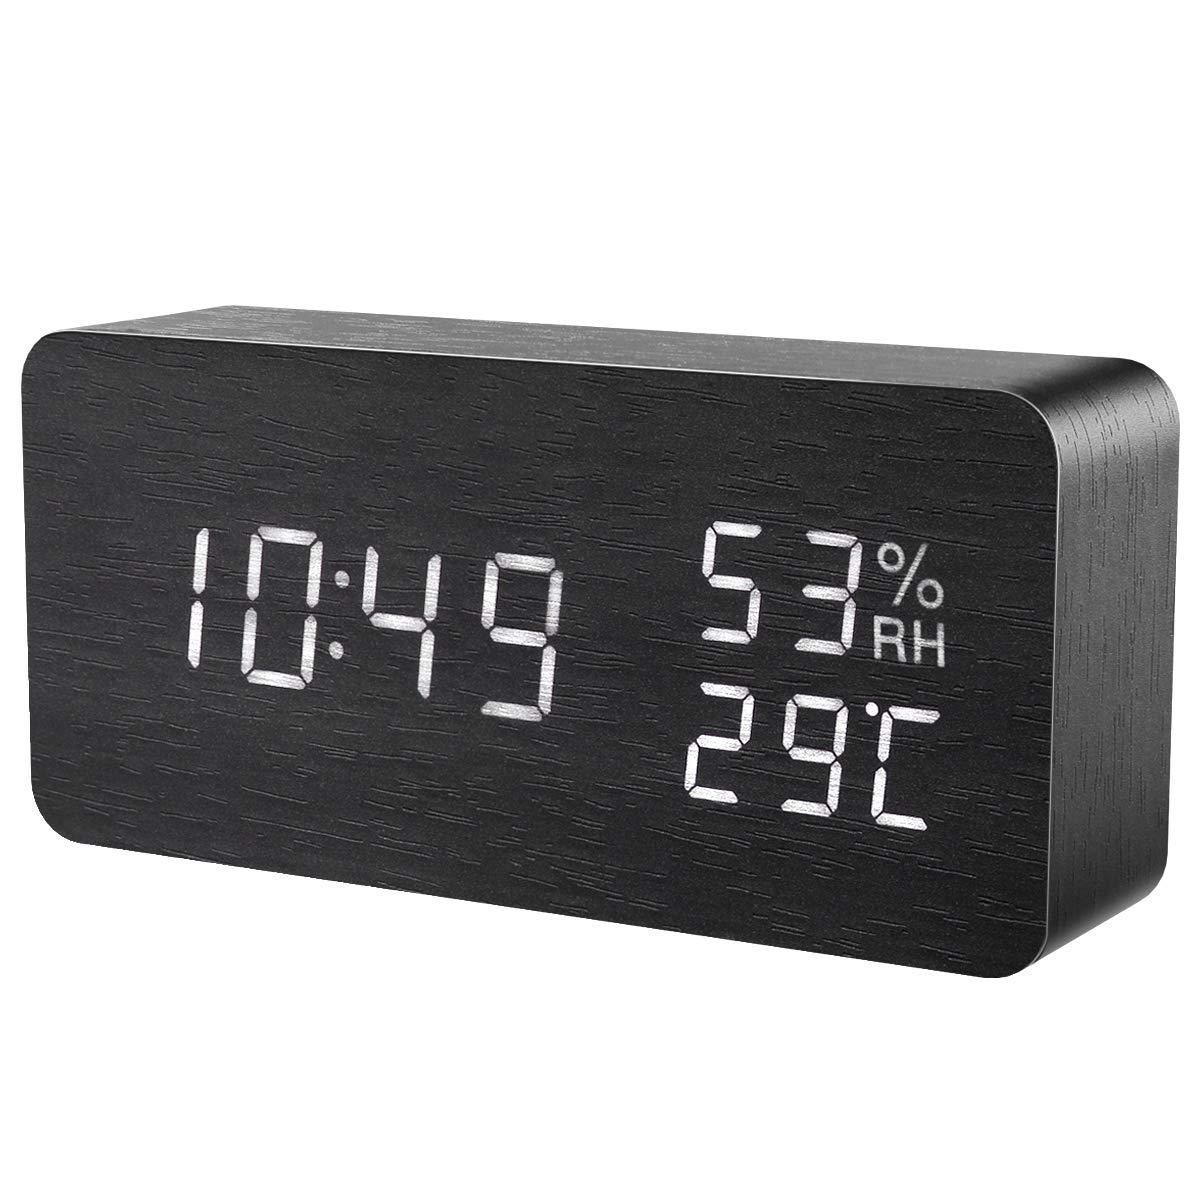 Oria Termometro Igrometro Digitale, Interno Misuratore per Temperatura e Umidità, con Grande Retroilluminato LCD, Sveglia, Icona Comfort, Hourly Chime, Snooze, Calendario per Stanza Bambino, Ufficio